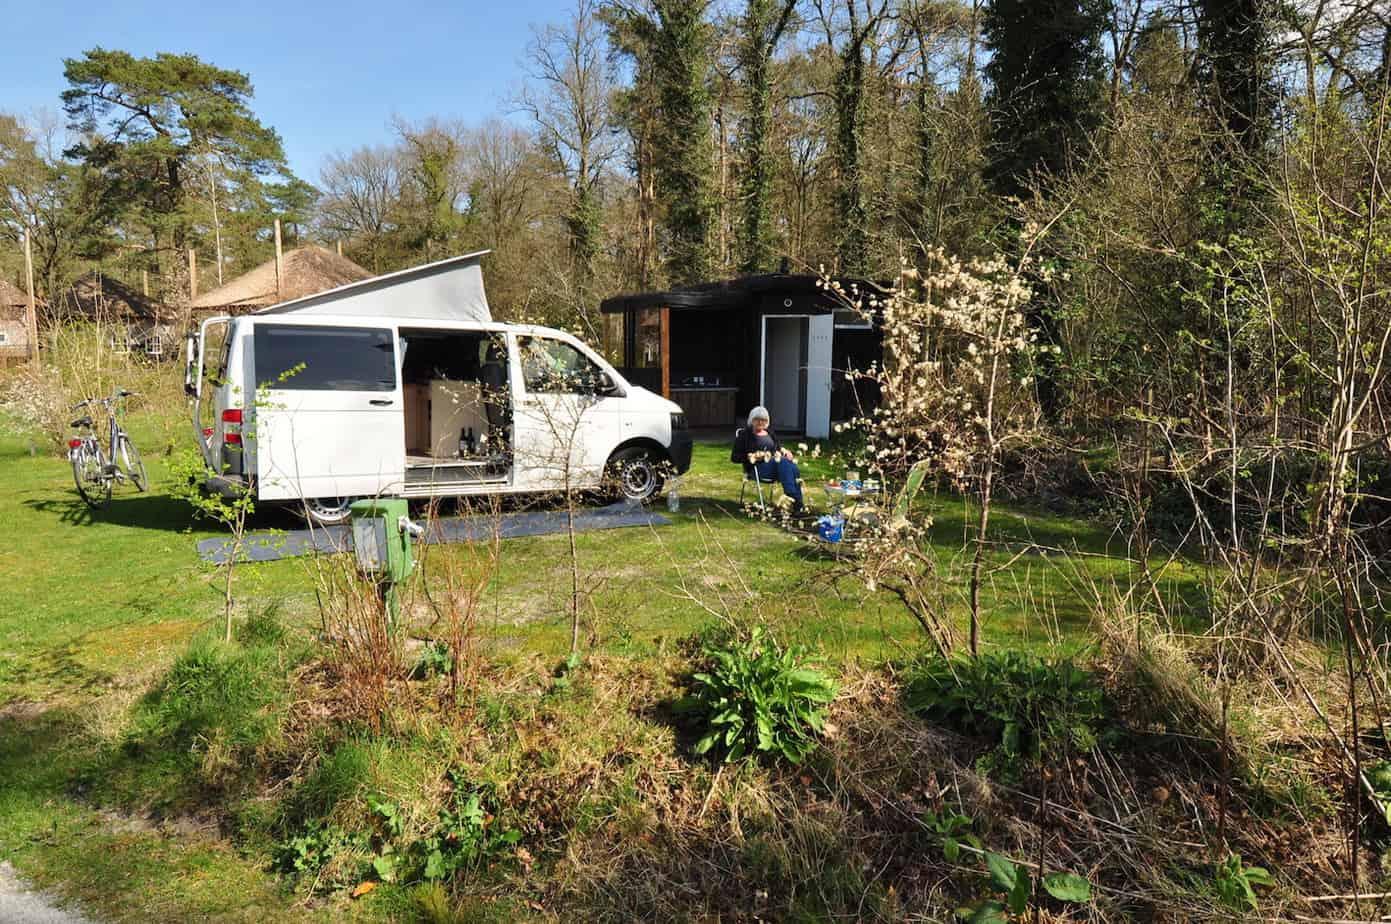 VW busje ombouwen tot camper en gaan! | ENJOY! The Good Life